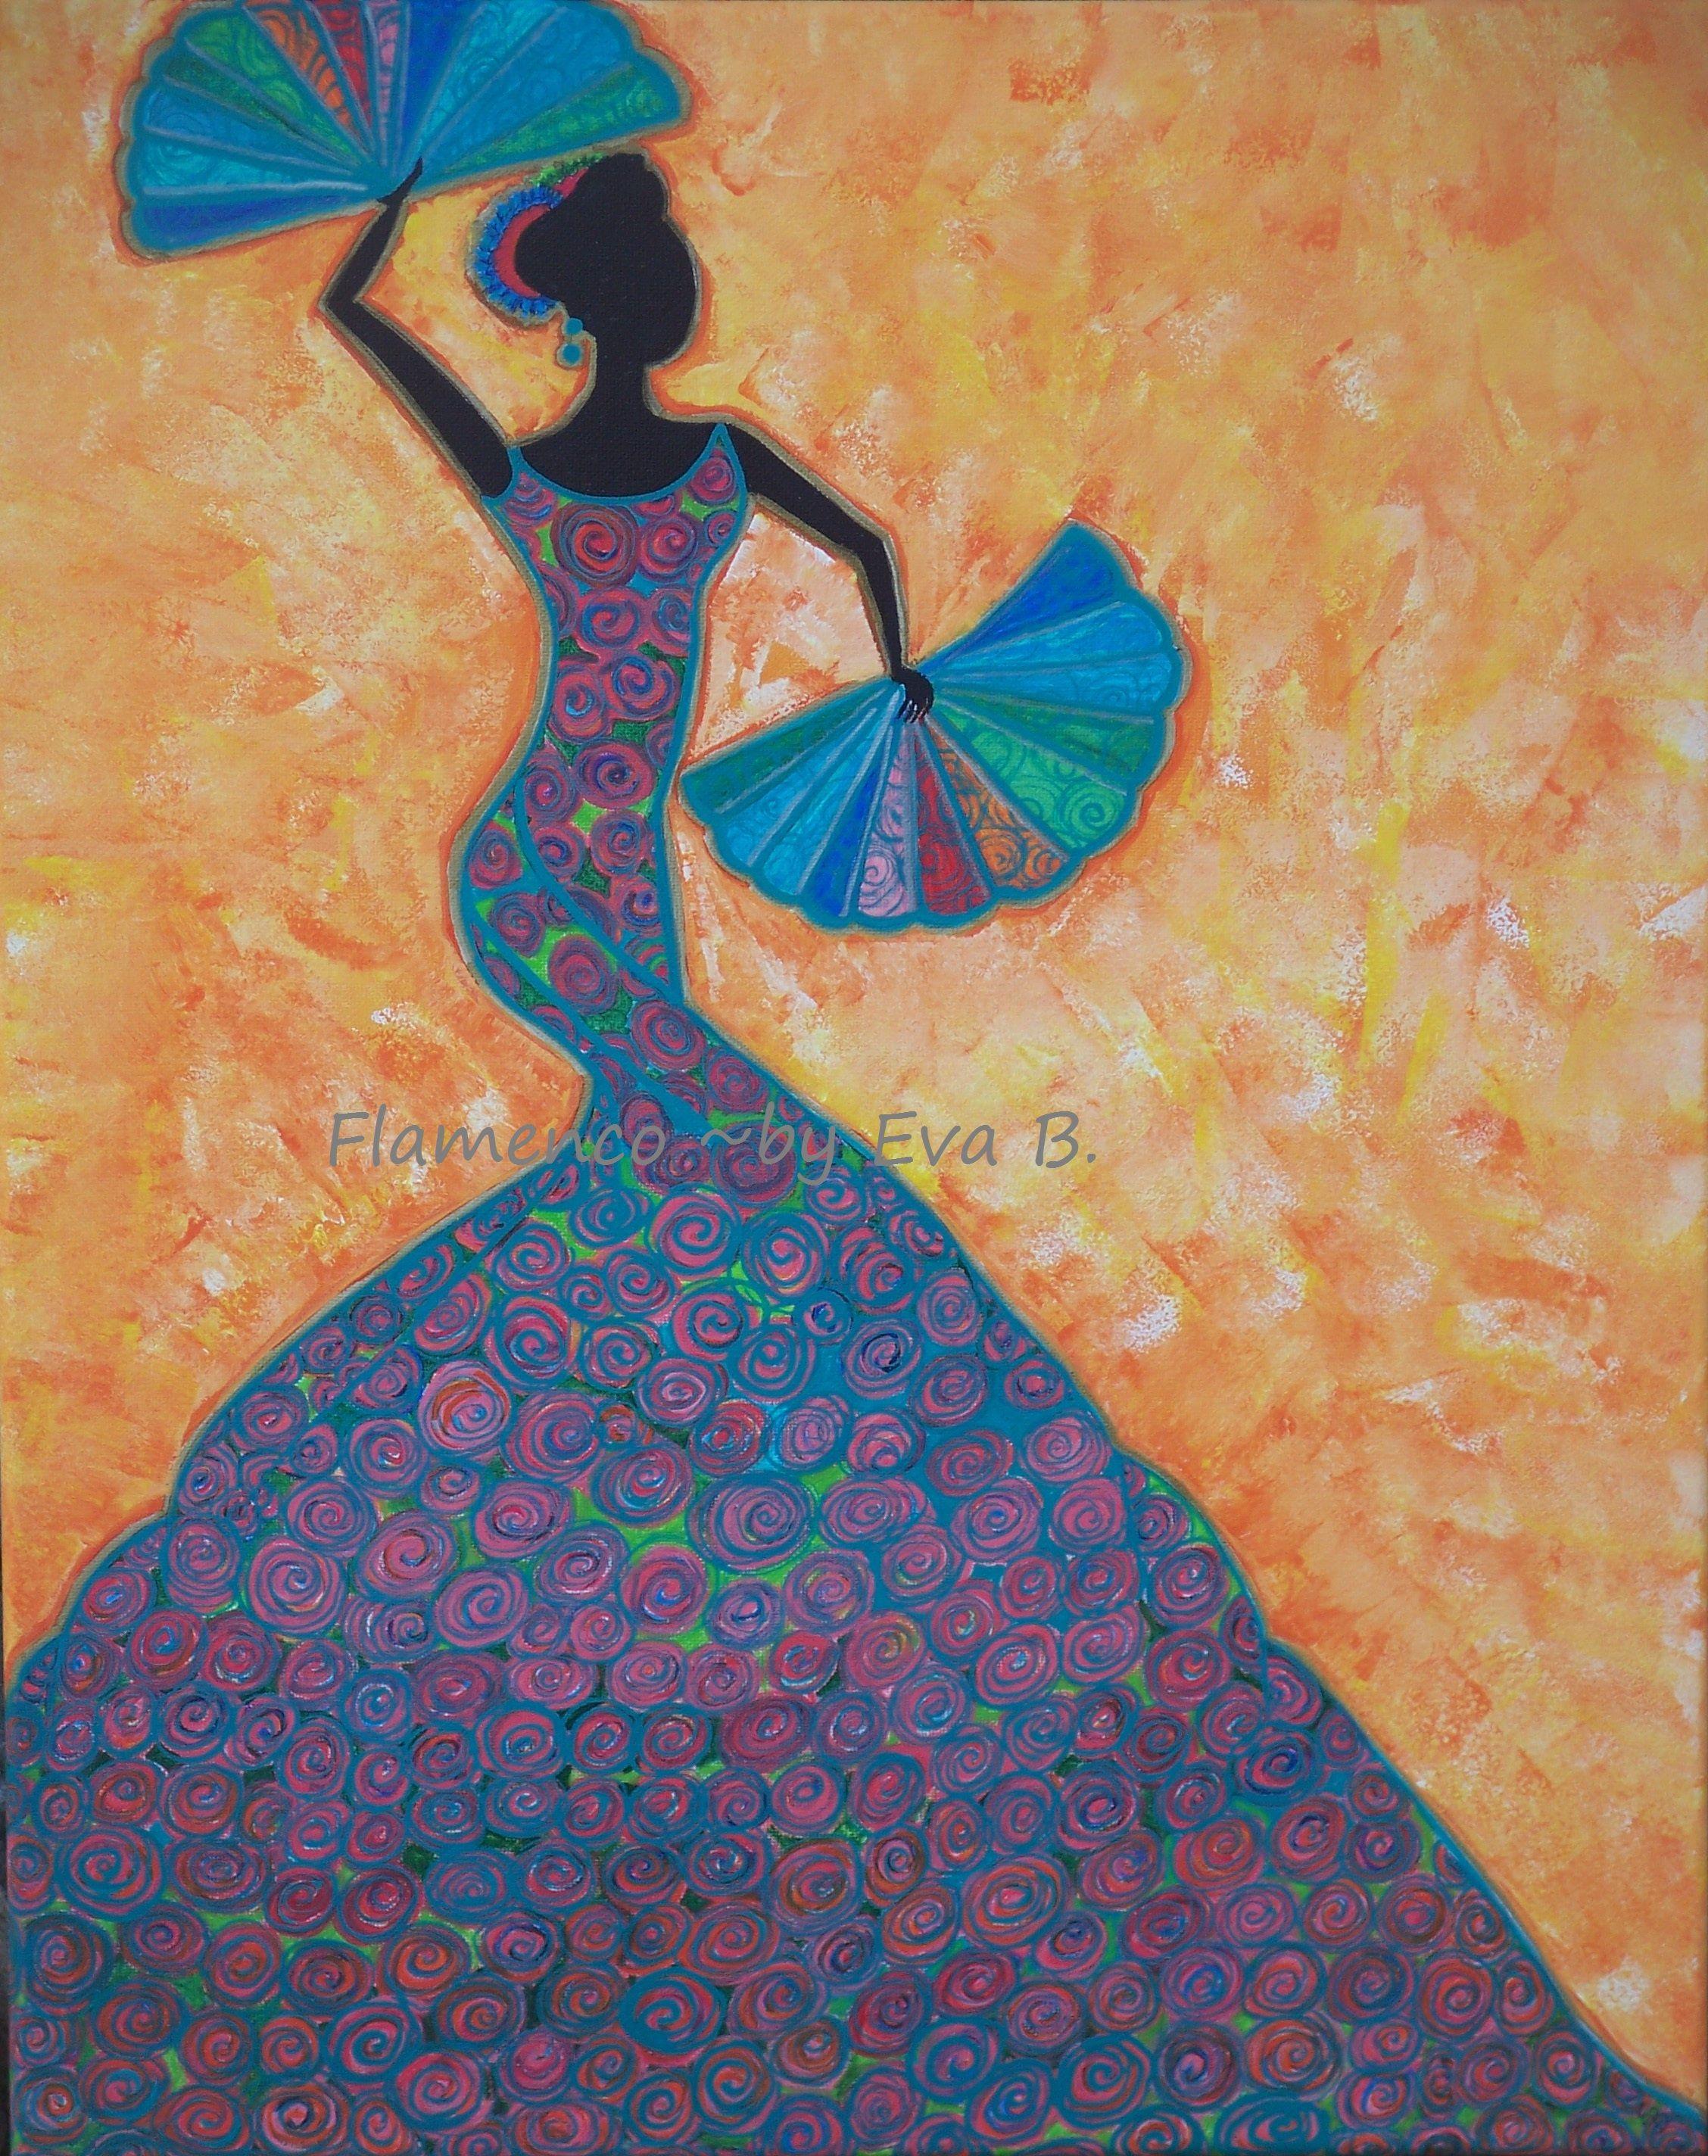 Flamenco Dancer Painting Woman Dancing Art Silhouette Art Etsy In 2020 Dancer Painting Silhouette Painting Flamenco Dancers